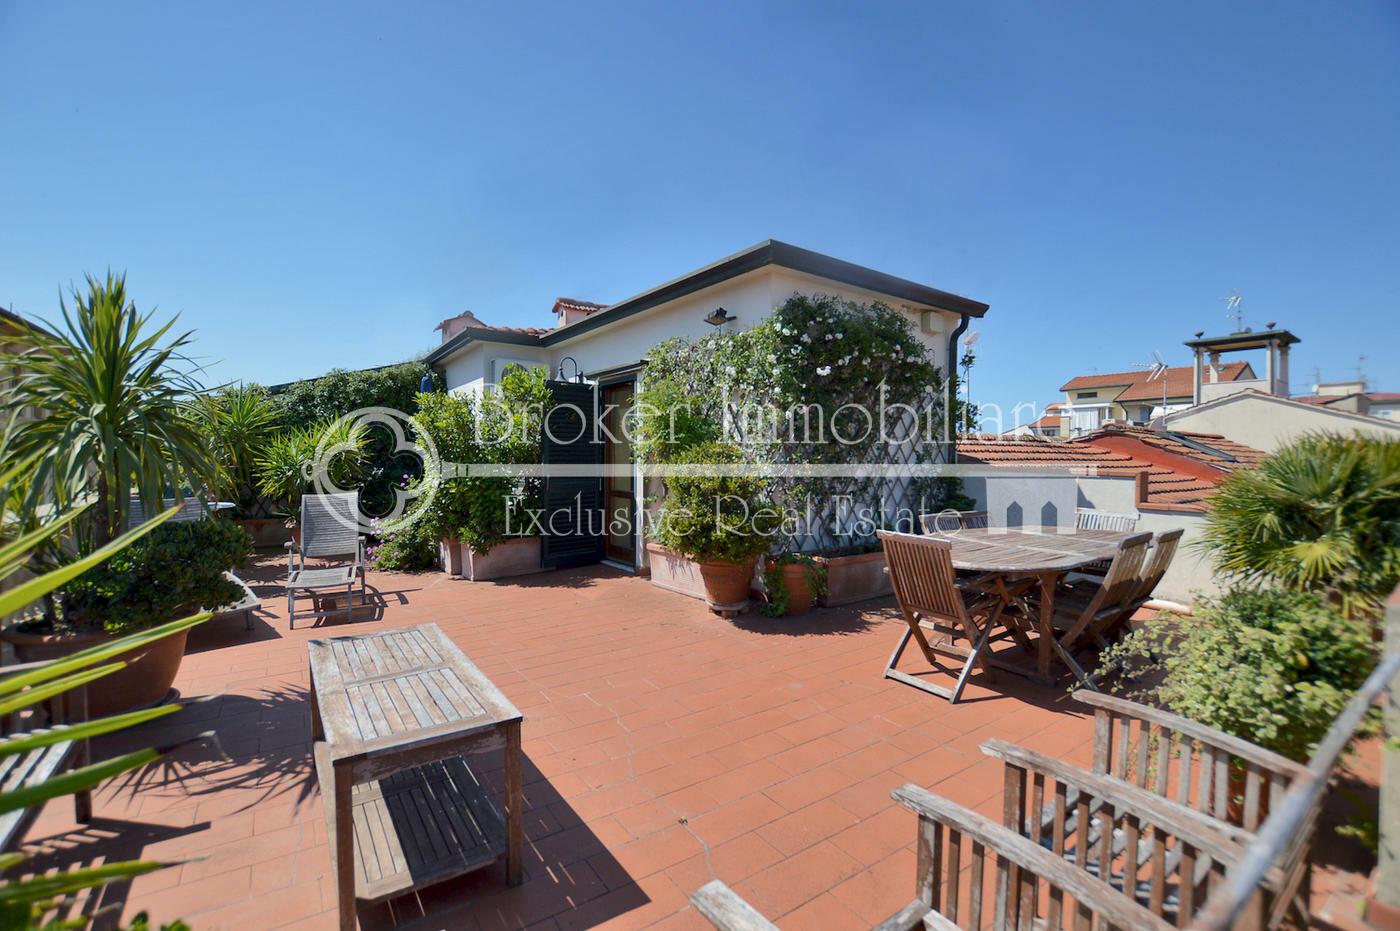 Appartamento con terrazza in vendita a Viareggio a 200 metri dal mare